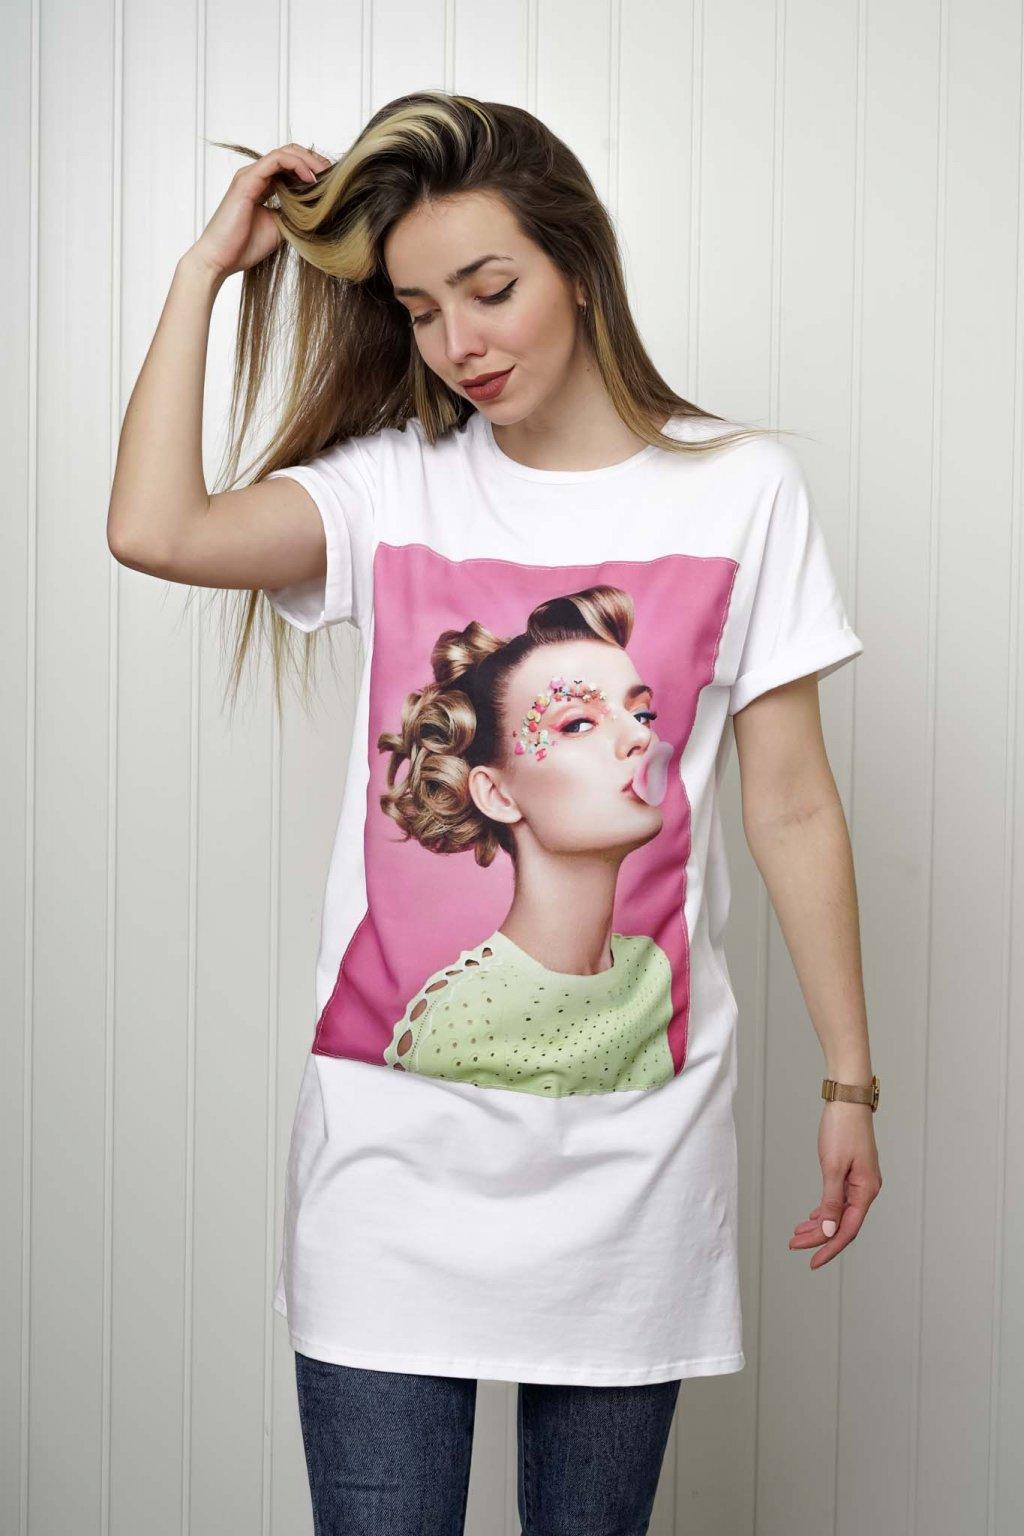 tričko, tričkové šaty, biele, čierne, žlté, vzorované, potlač, vyšívané, nášivky, fialové, street style, 09